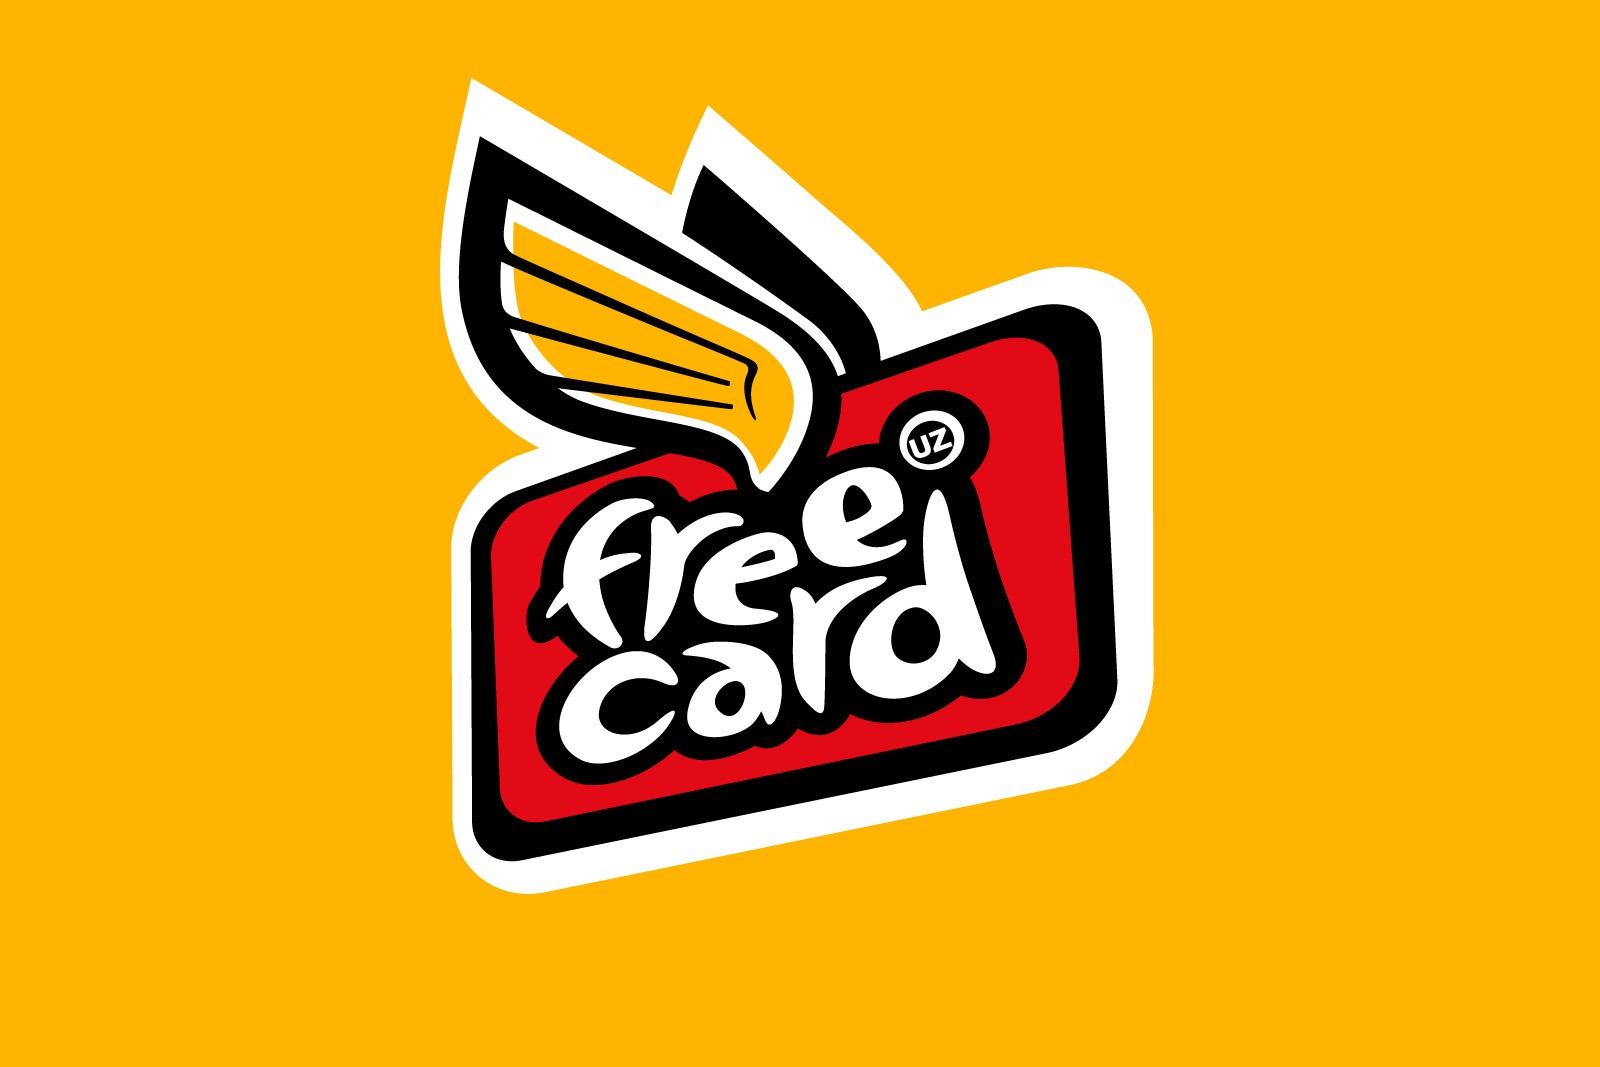 Asgard Branding, фирменный стиль, айдентика, лого, Free Card, дизайн, графический дизайн, рекламное агентство